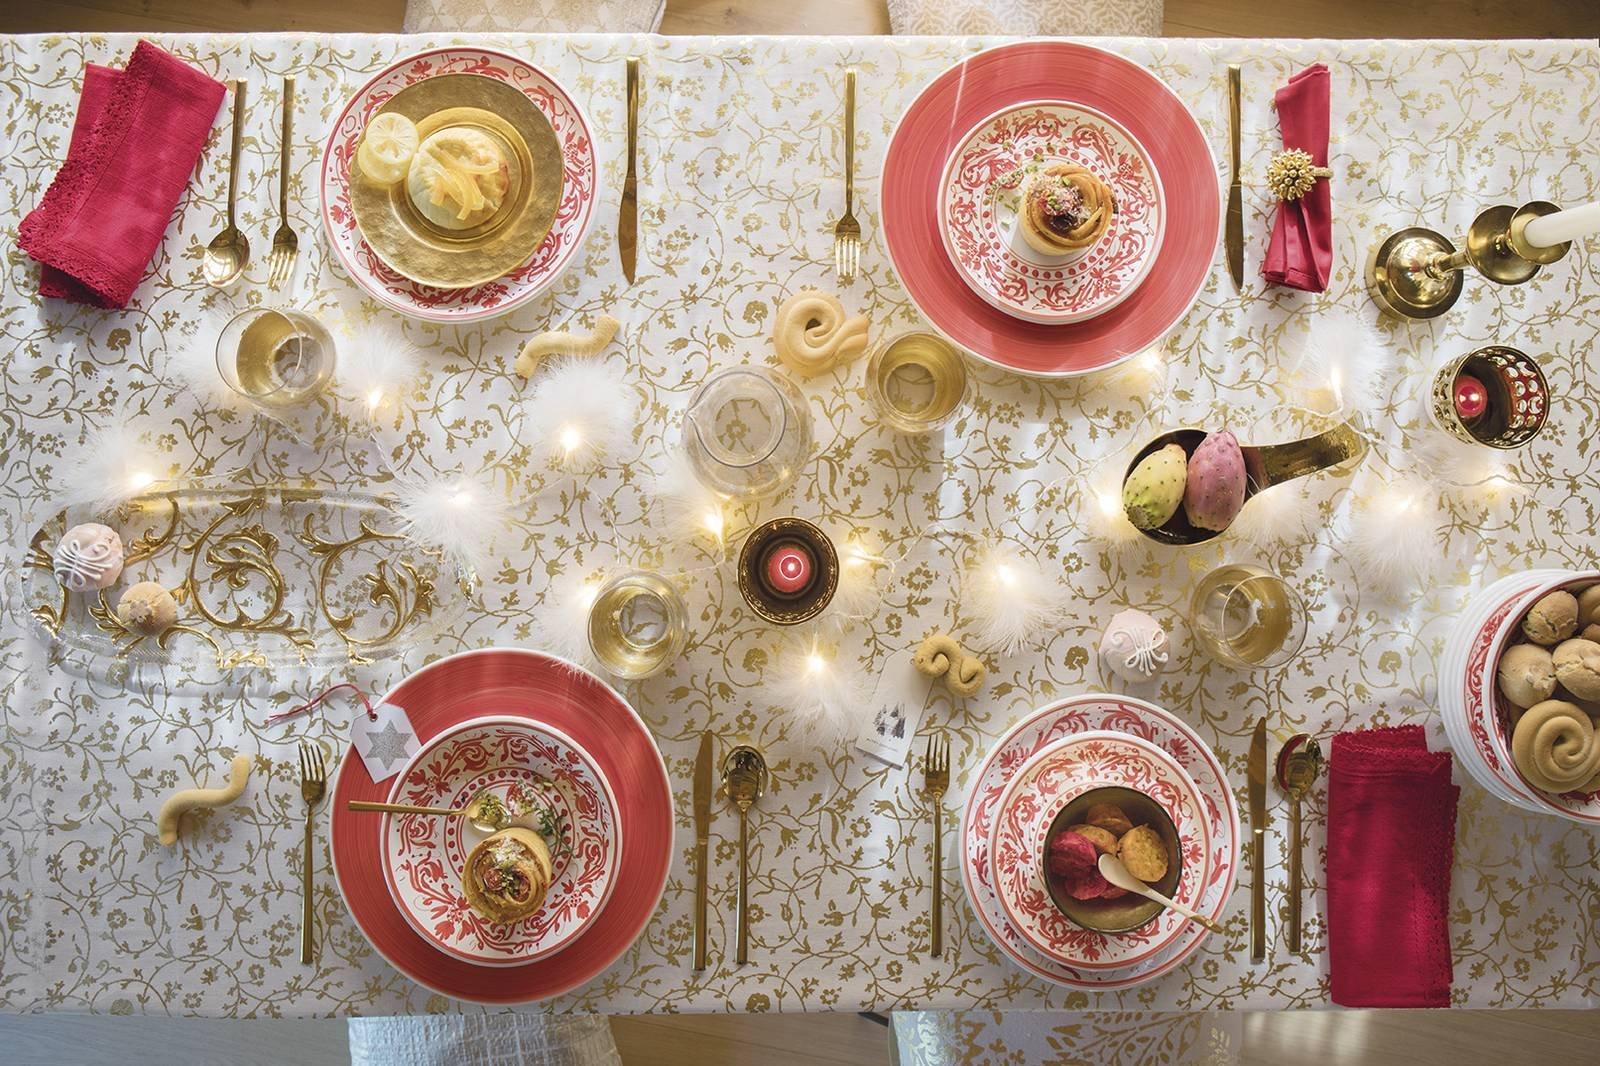 Tavola di natale 10 proposte in colori e stili diversi cose di casa - Coincasa bicchieri ...